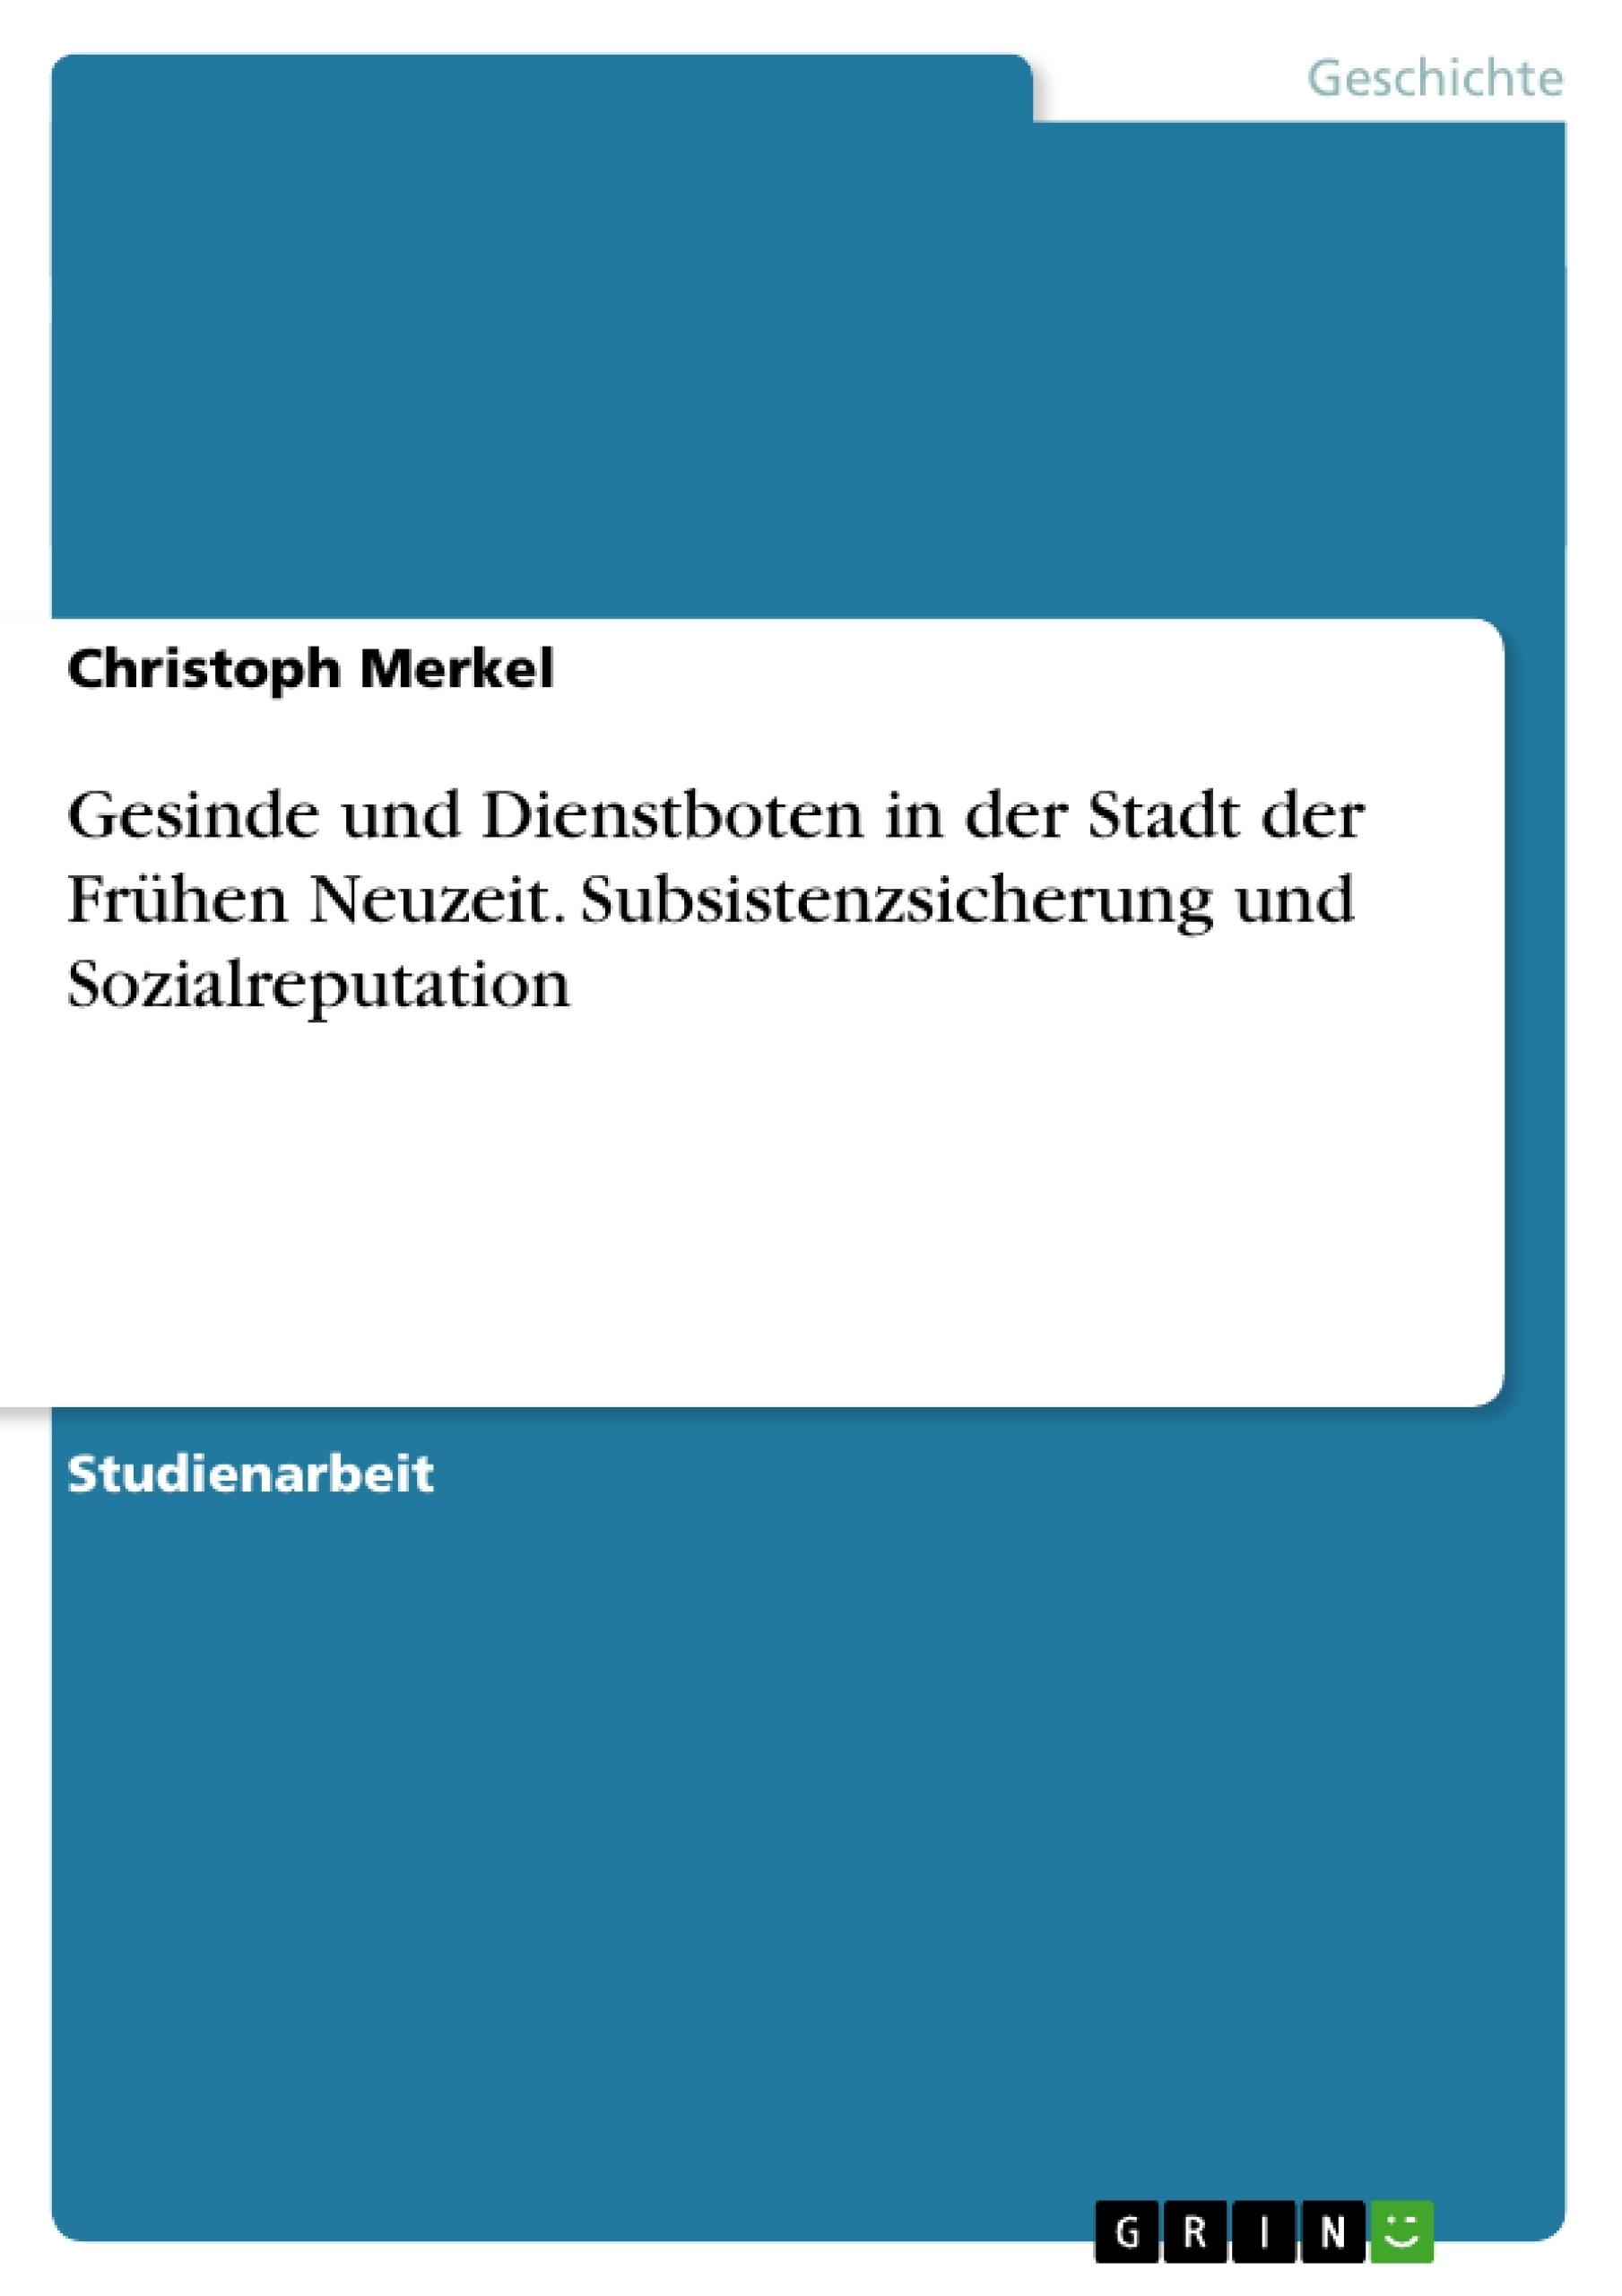 Titel: Gesinde und Dienstboten in der Stadt der Frühen Neuzeit. Subsistenzsicherung und Sozialreputation